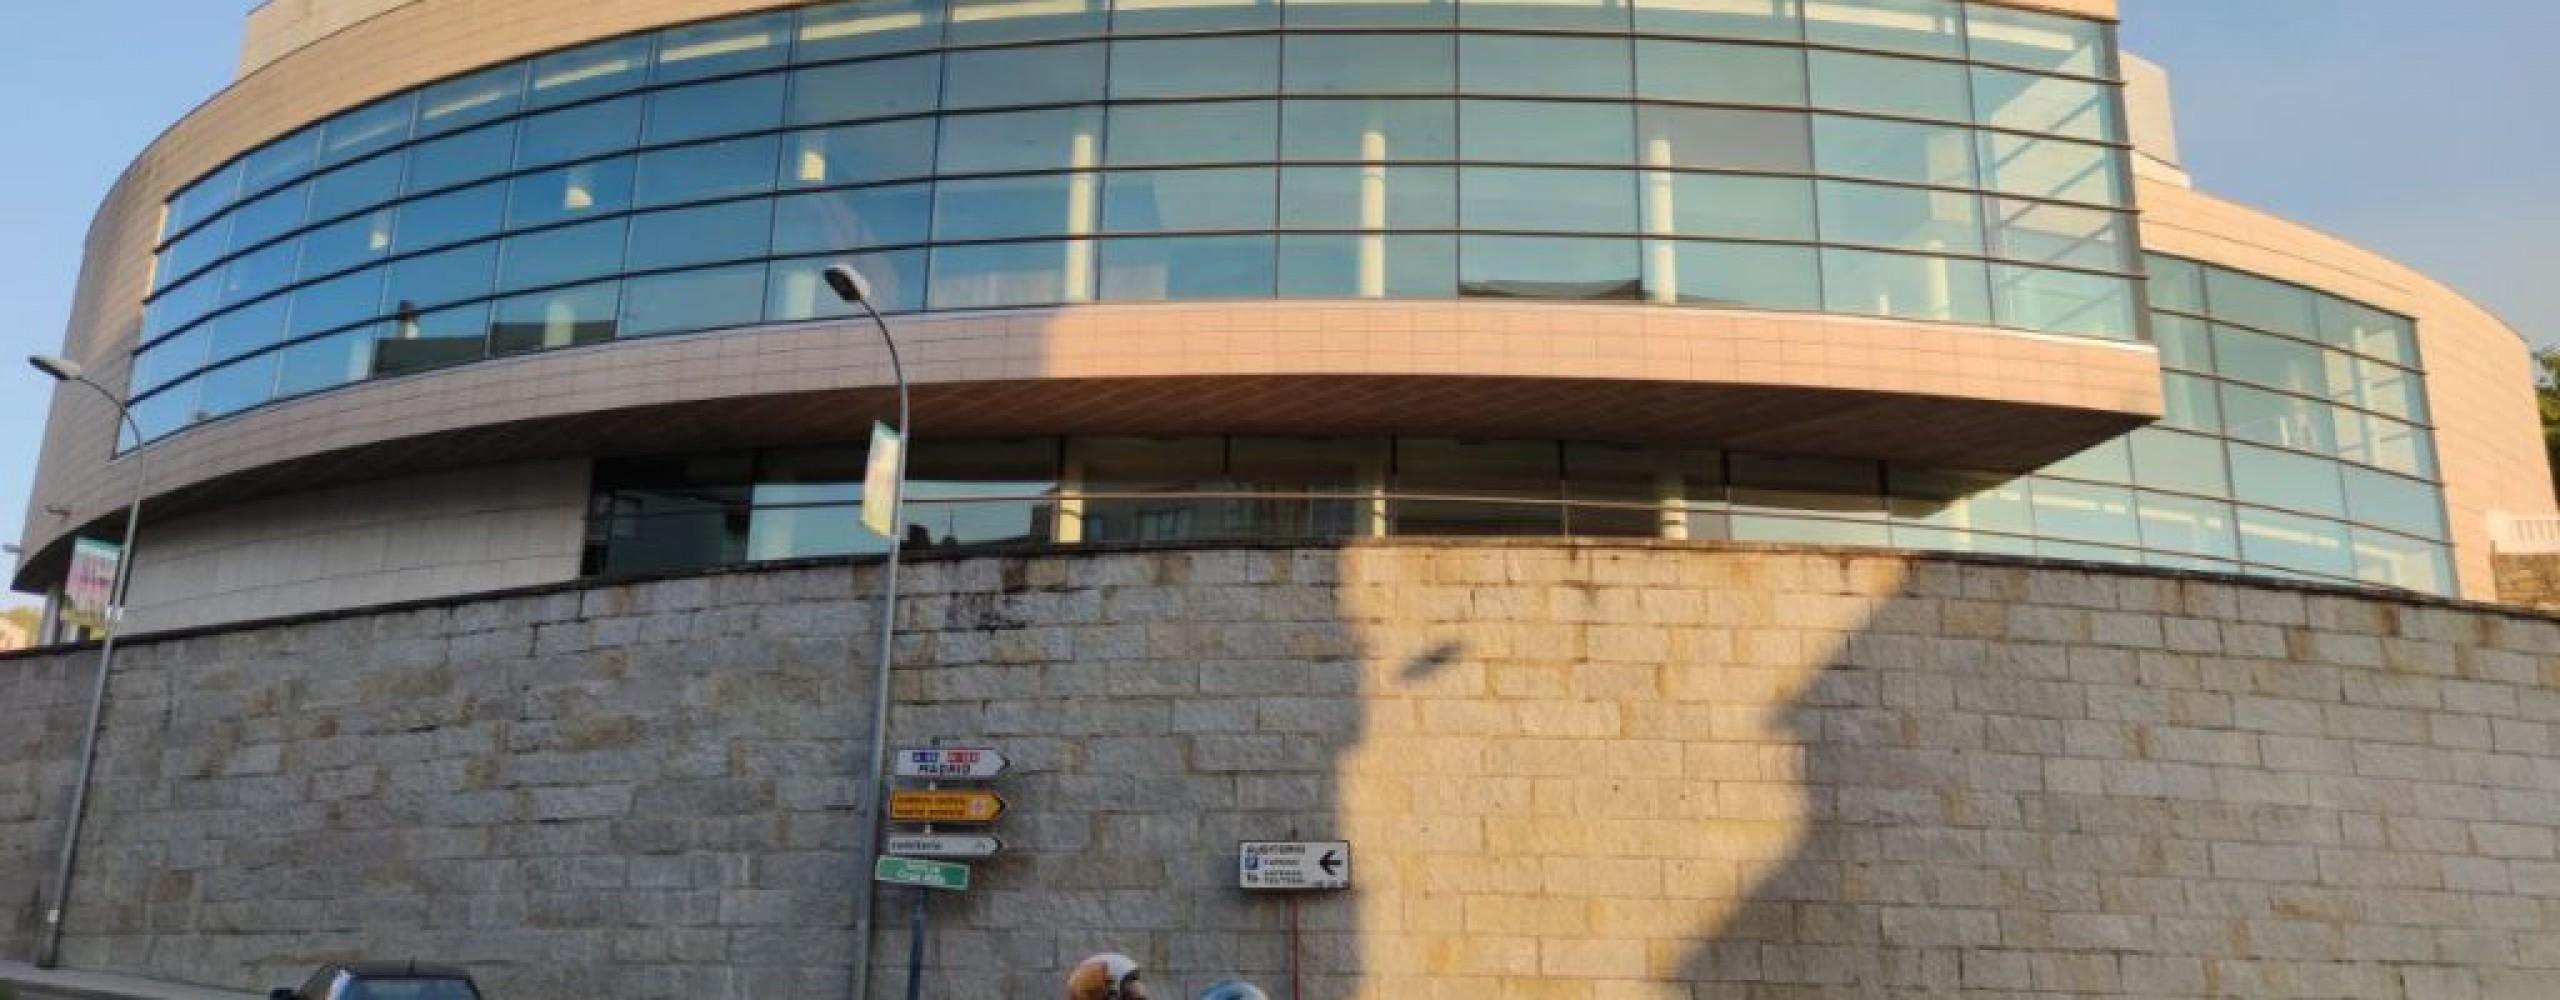 Un total de 13 entidades dos sectores das artes escénicas e da música manifestan o seu rexeitamento á externalización do Auditorio Municipal de Ourense